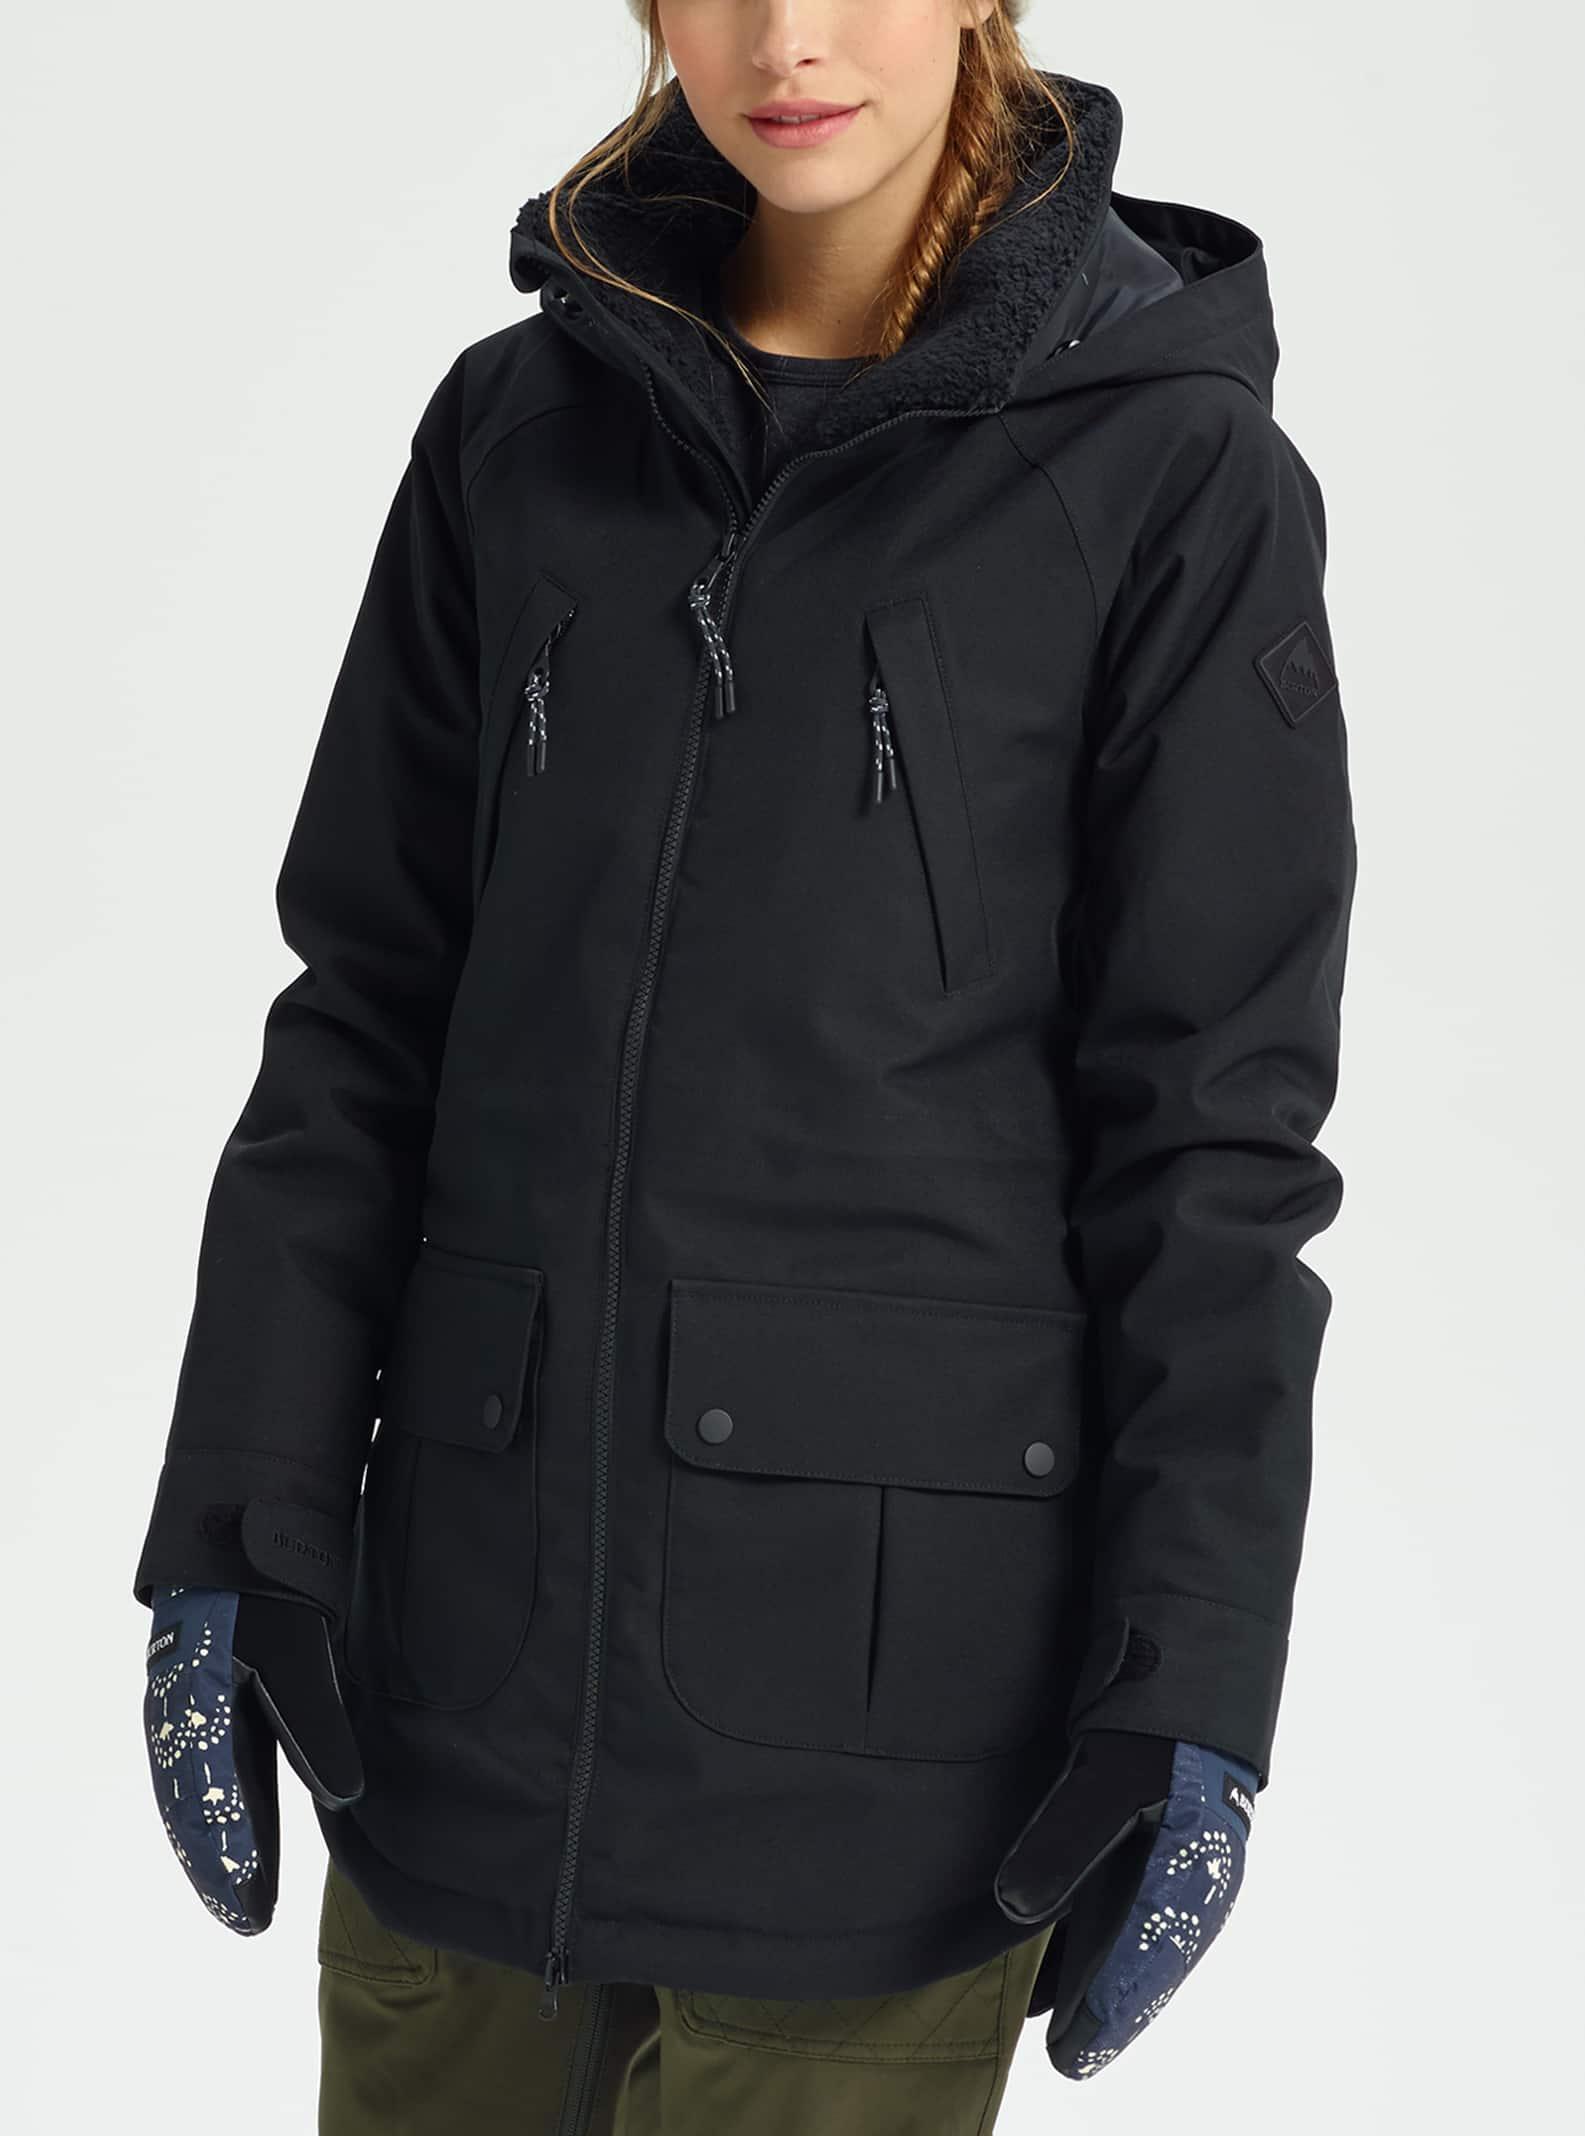 36ed4c6f56f02 Women s Snowboard Jackets